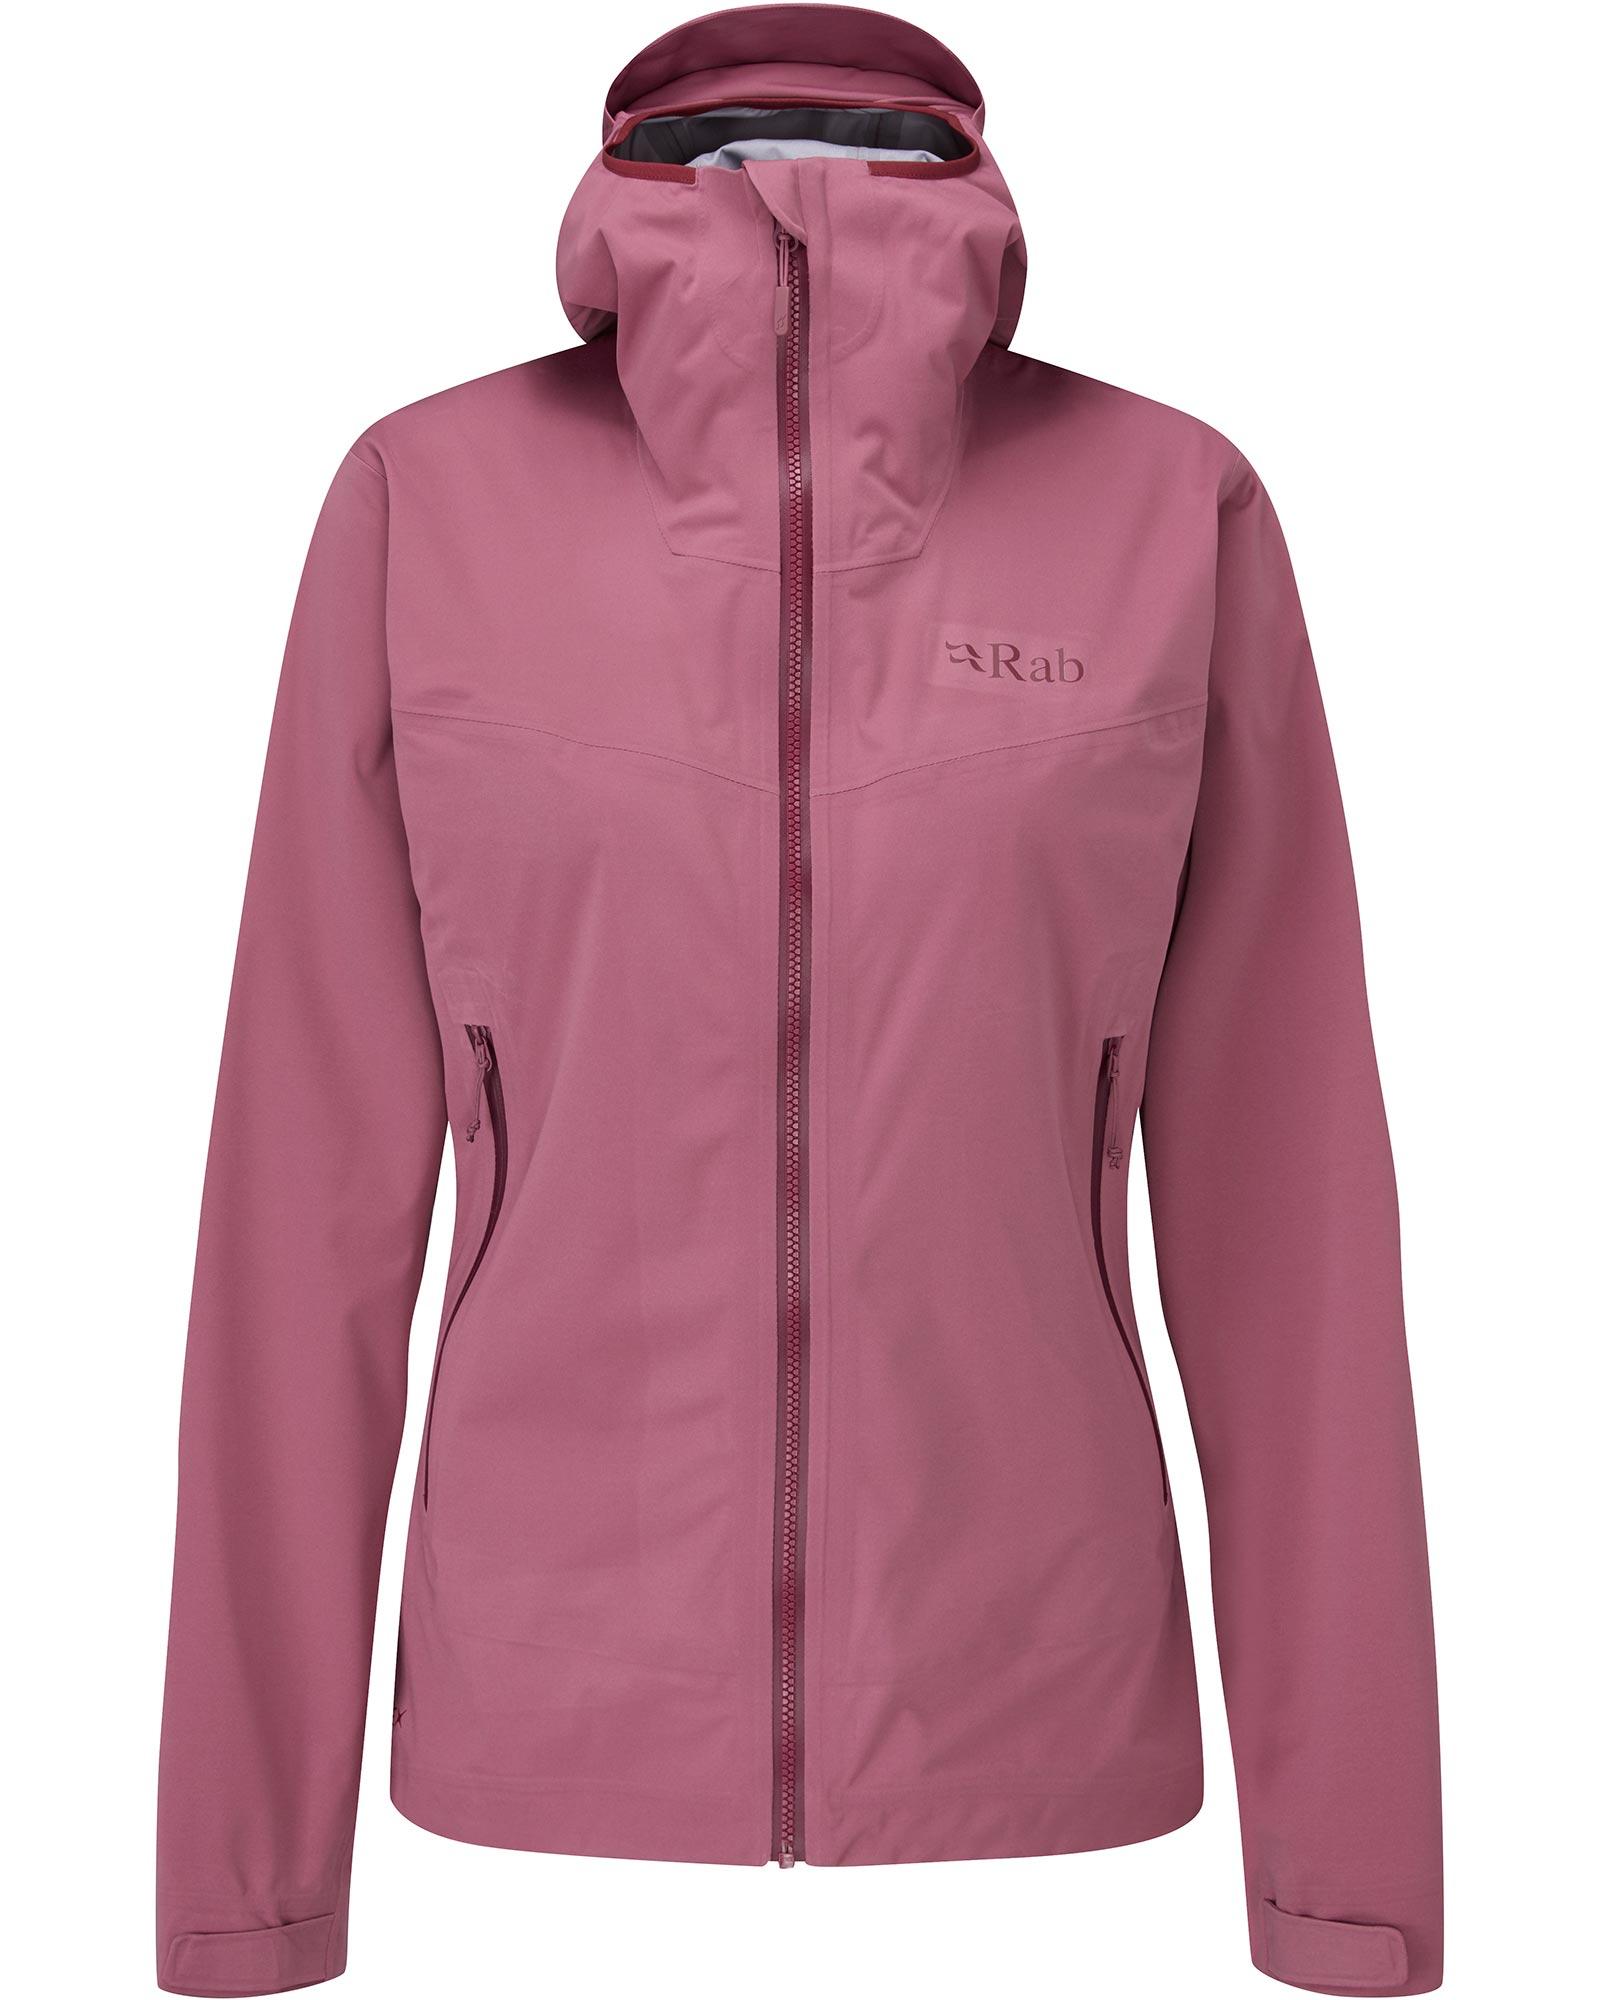 Rab Kinetic 2.0 Women's Jacket